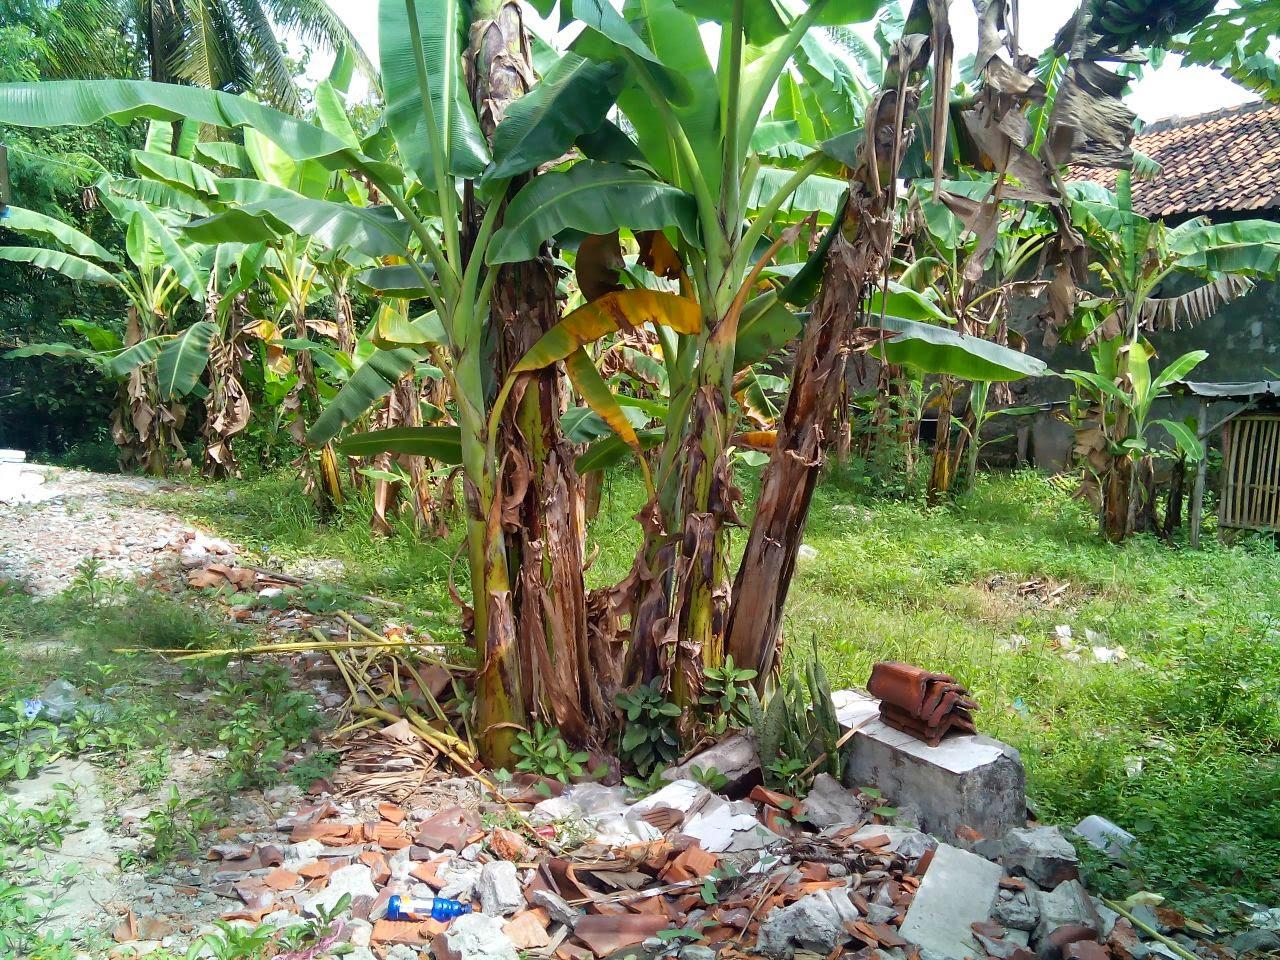 Jual Tanah Murah Strategis Lokasi Karangampel Indramayu. Hubungi Ali Syarief 087781958889-081320432002-089681867573-085724842955Pin 74BAF1FB